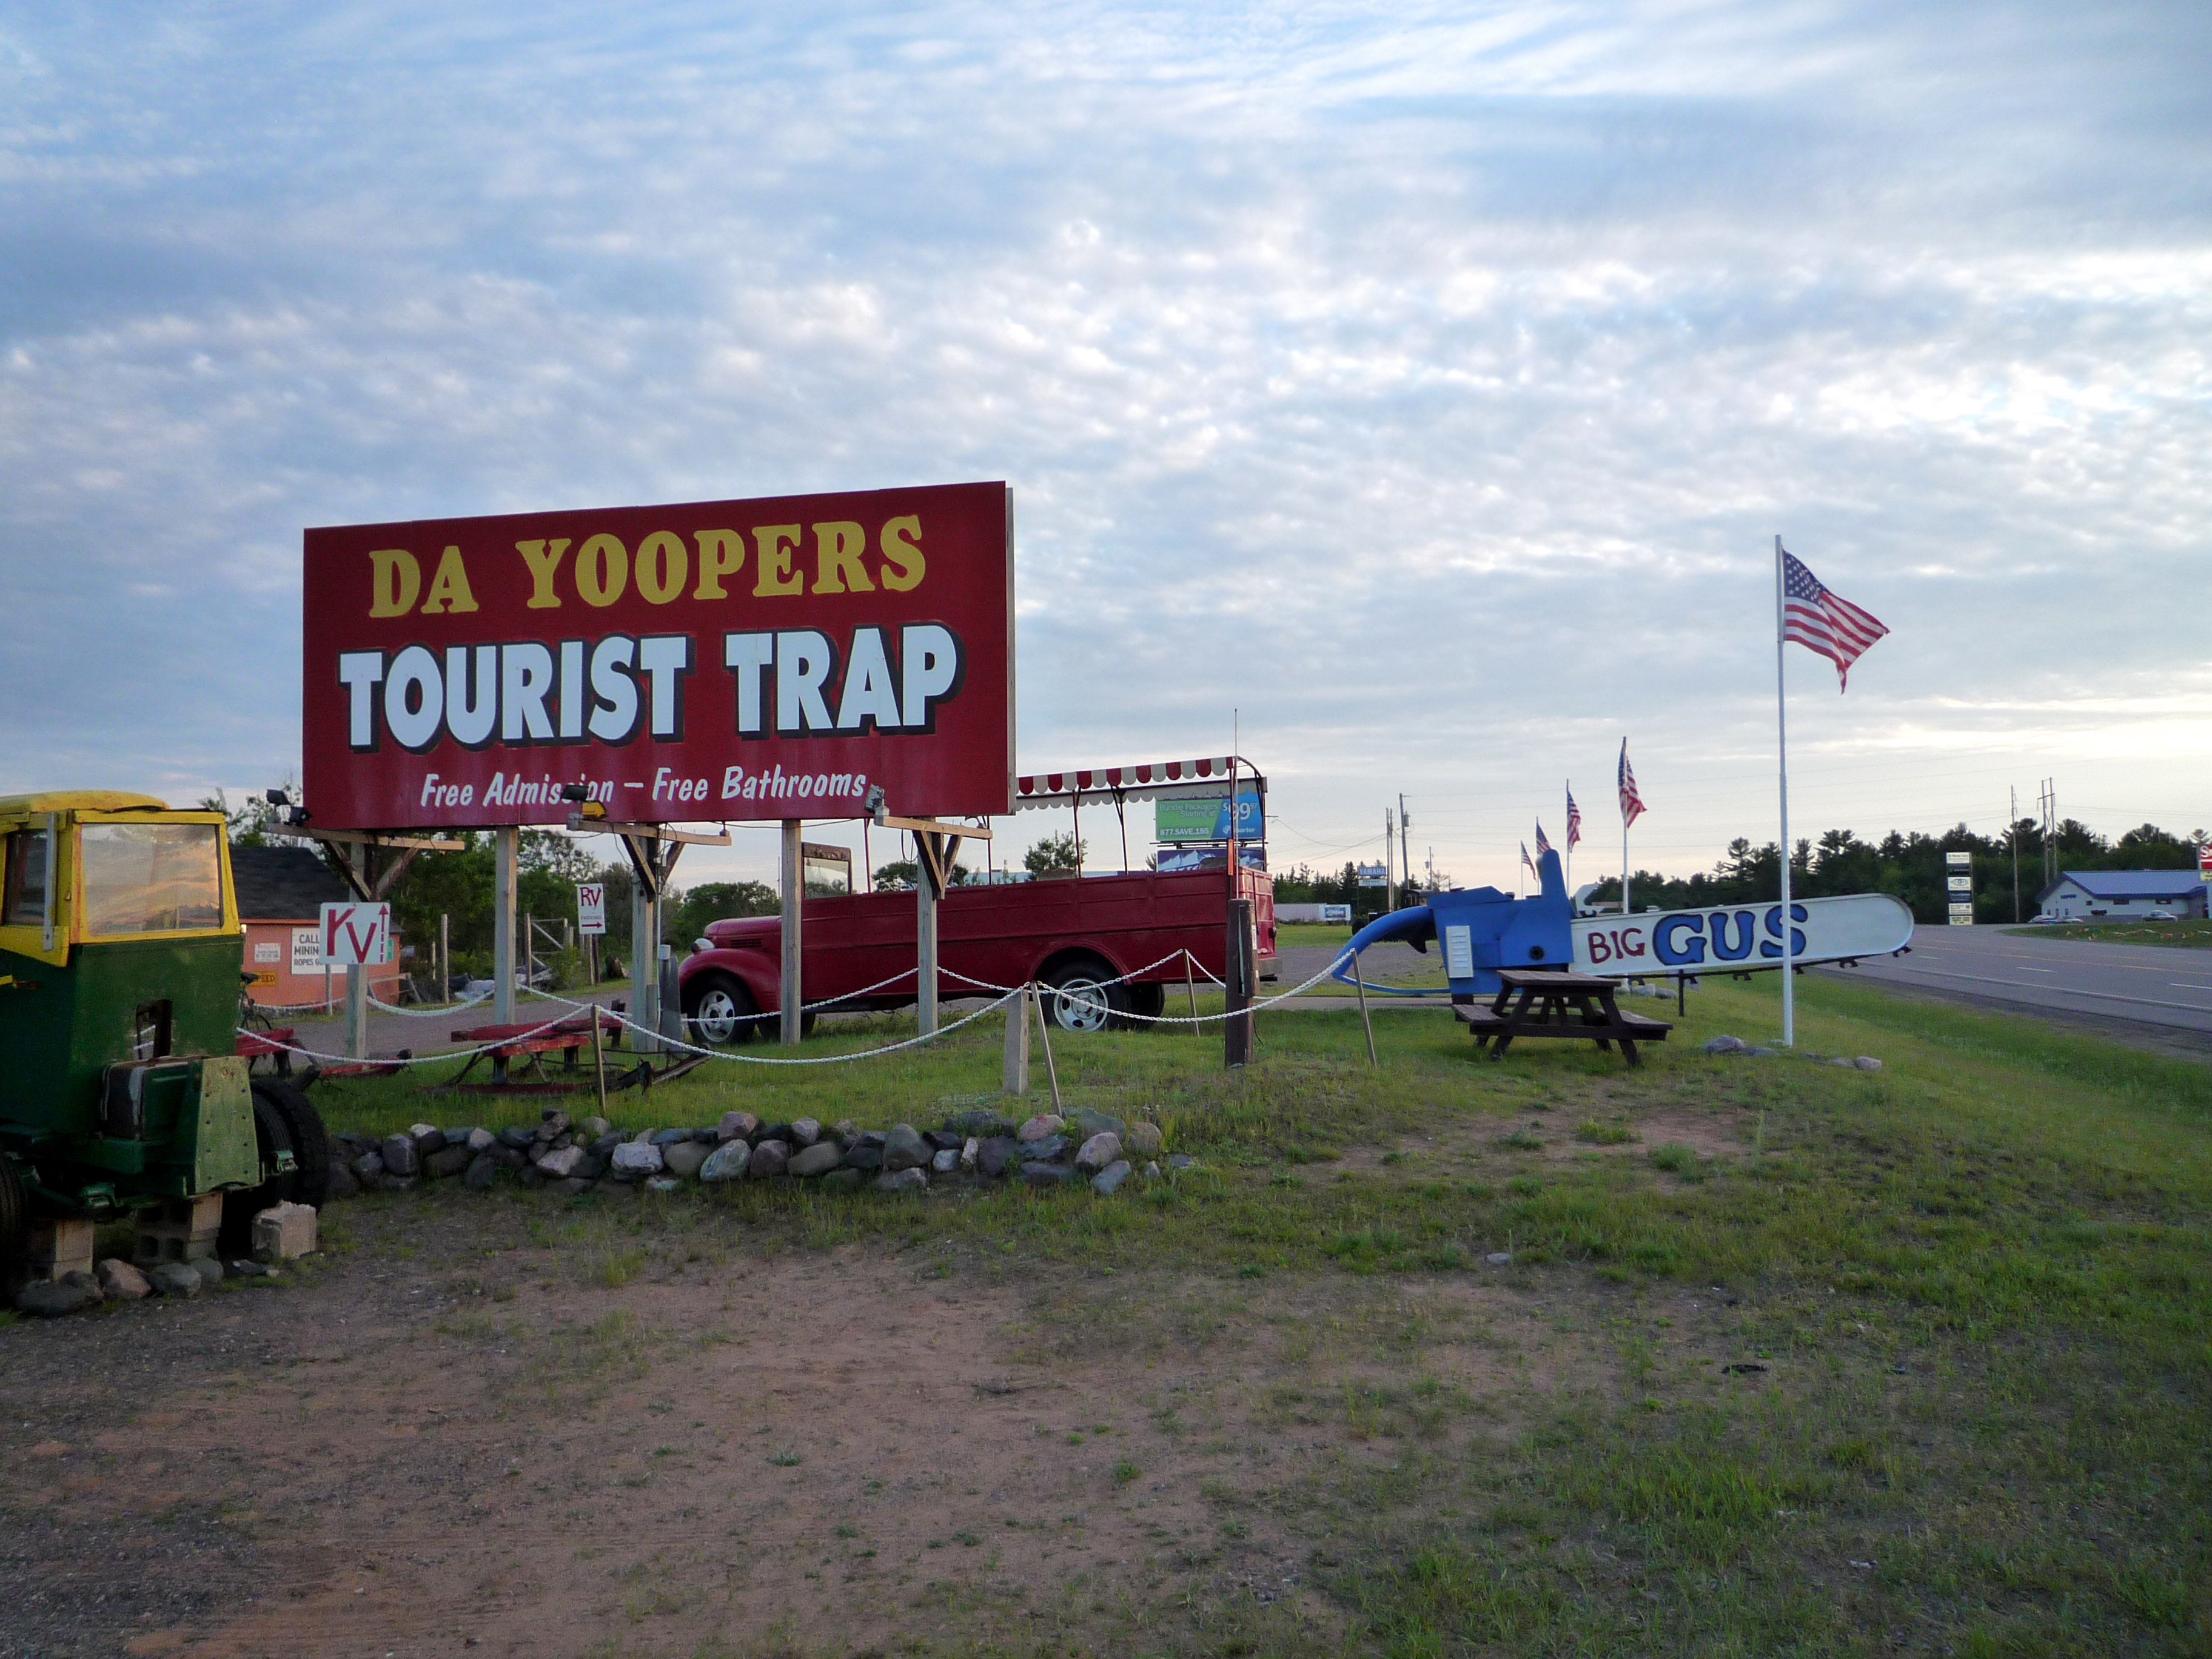 2009 0617 DaYooperTouristTrap